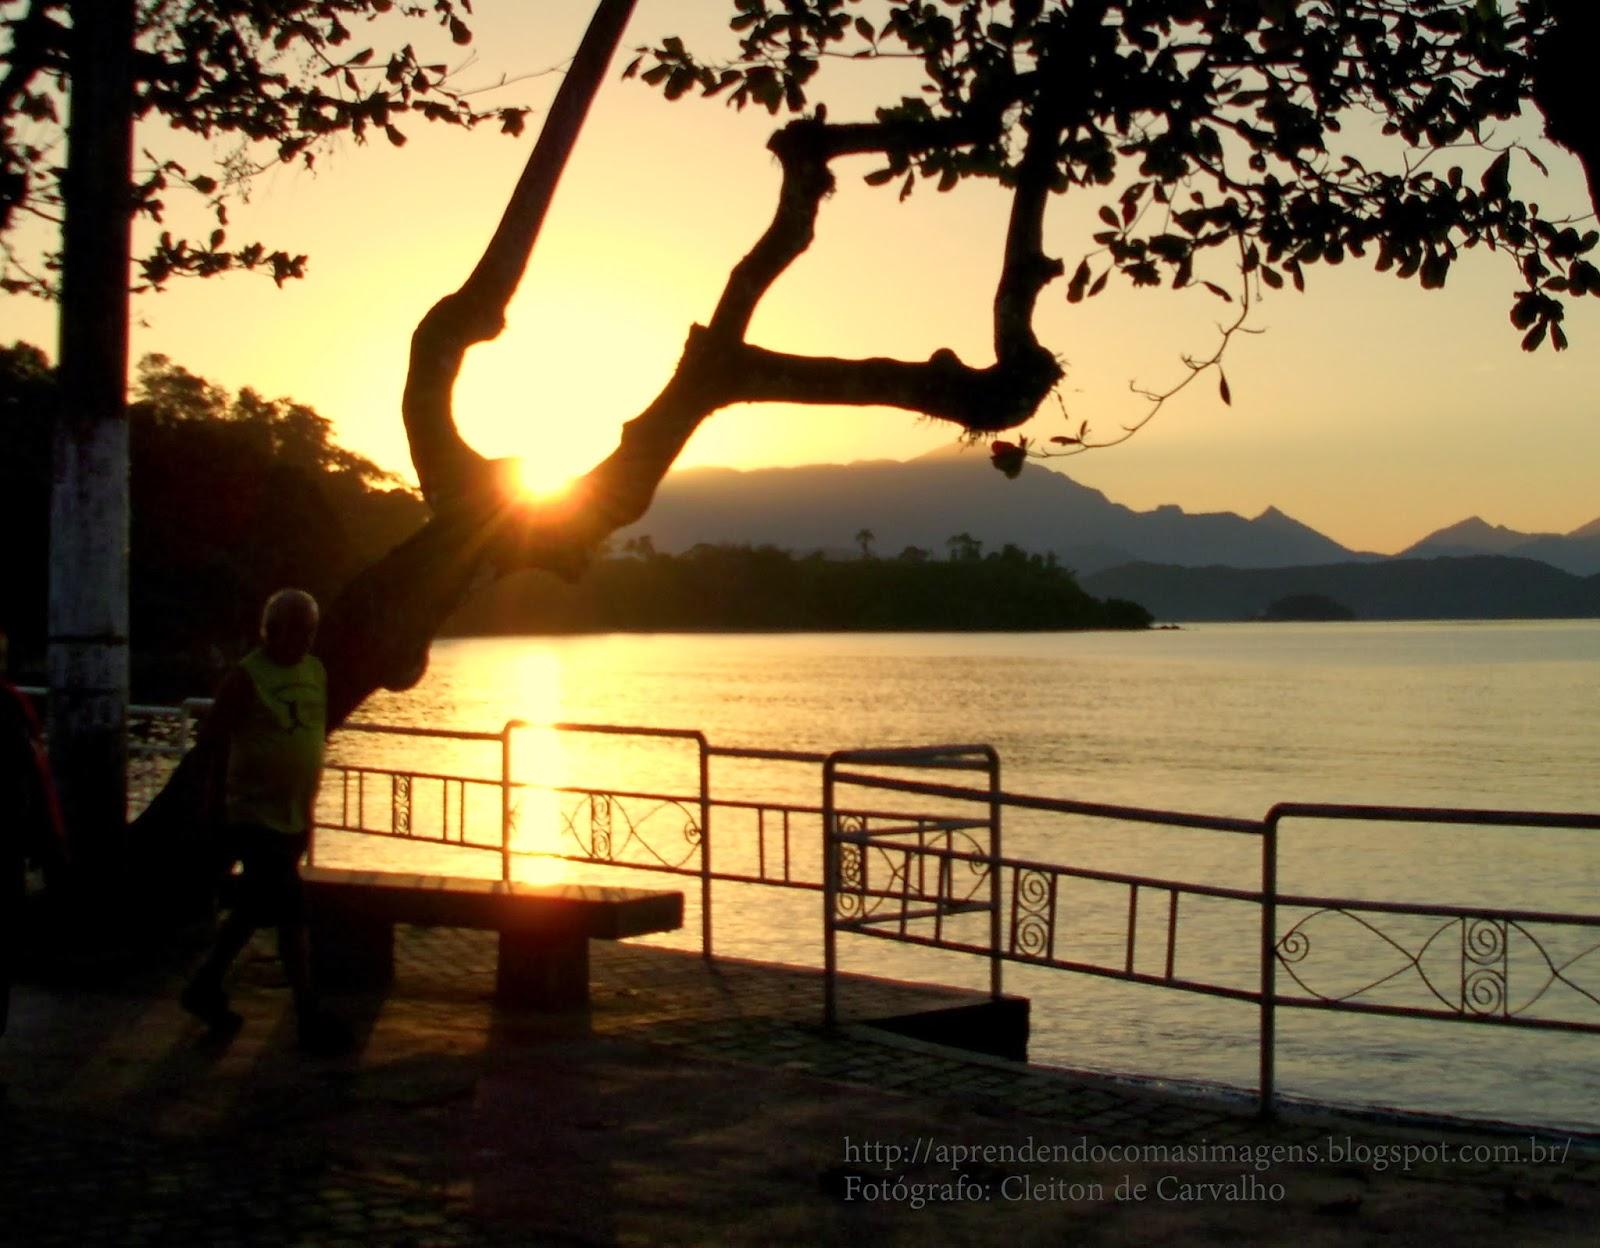 http://aprendendocomasimagens.blogspot.com/2013/11/o-acalento-de-um-novo-despertar.html - O acalento de um novo despertar...